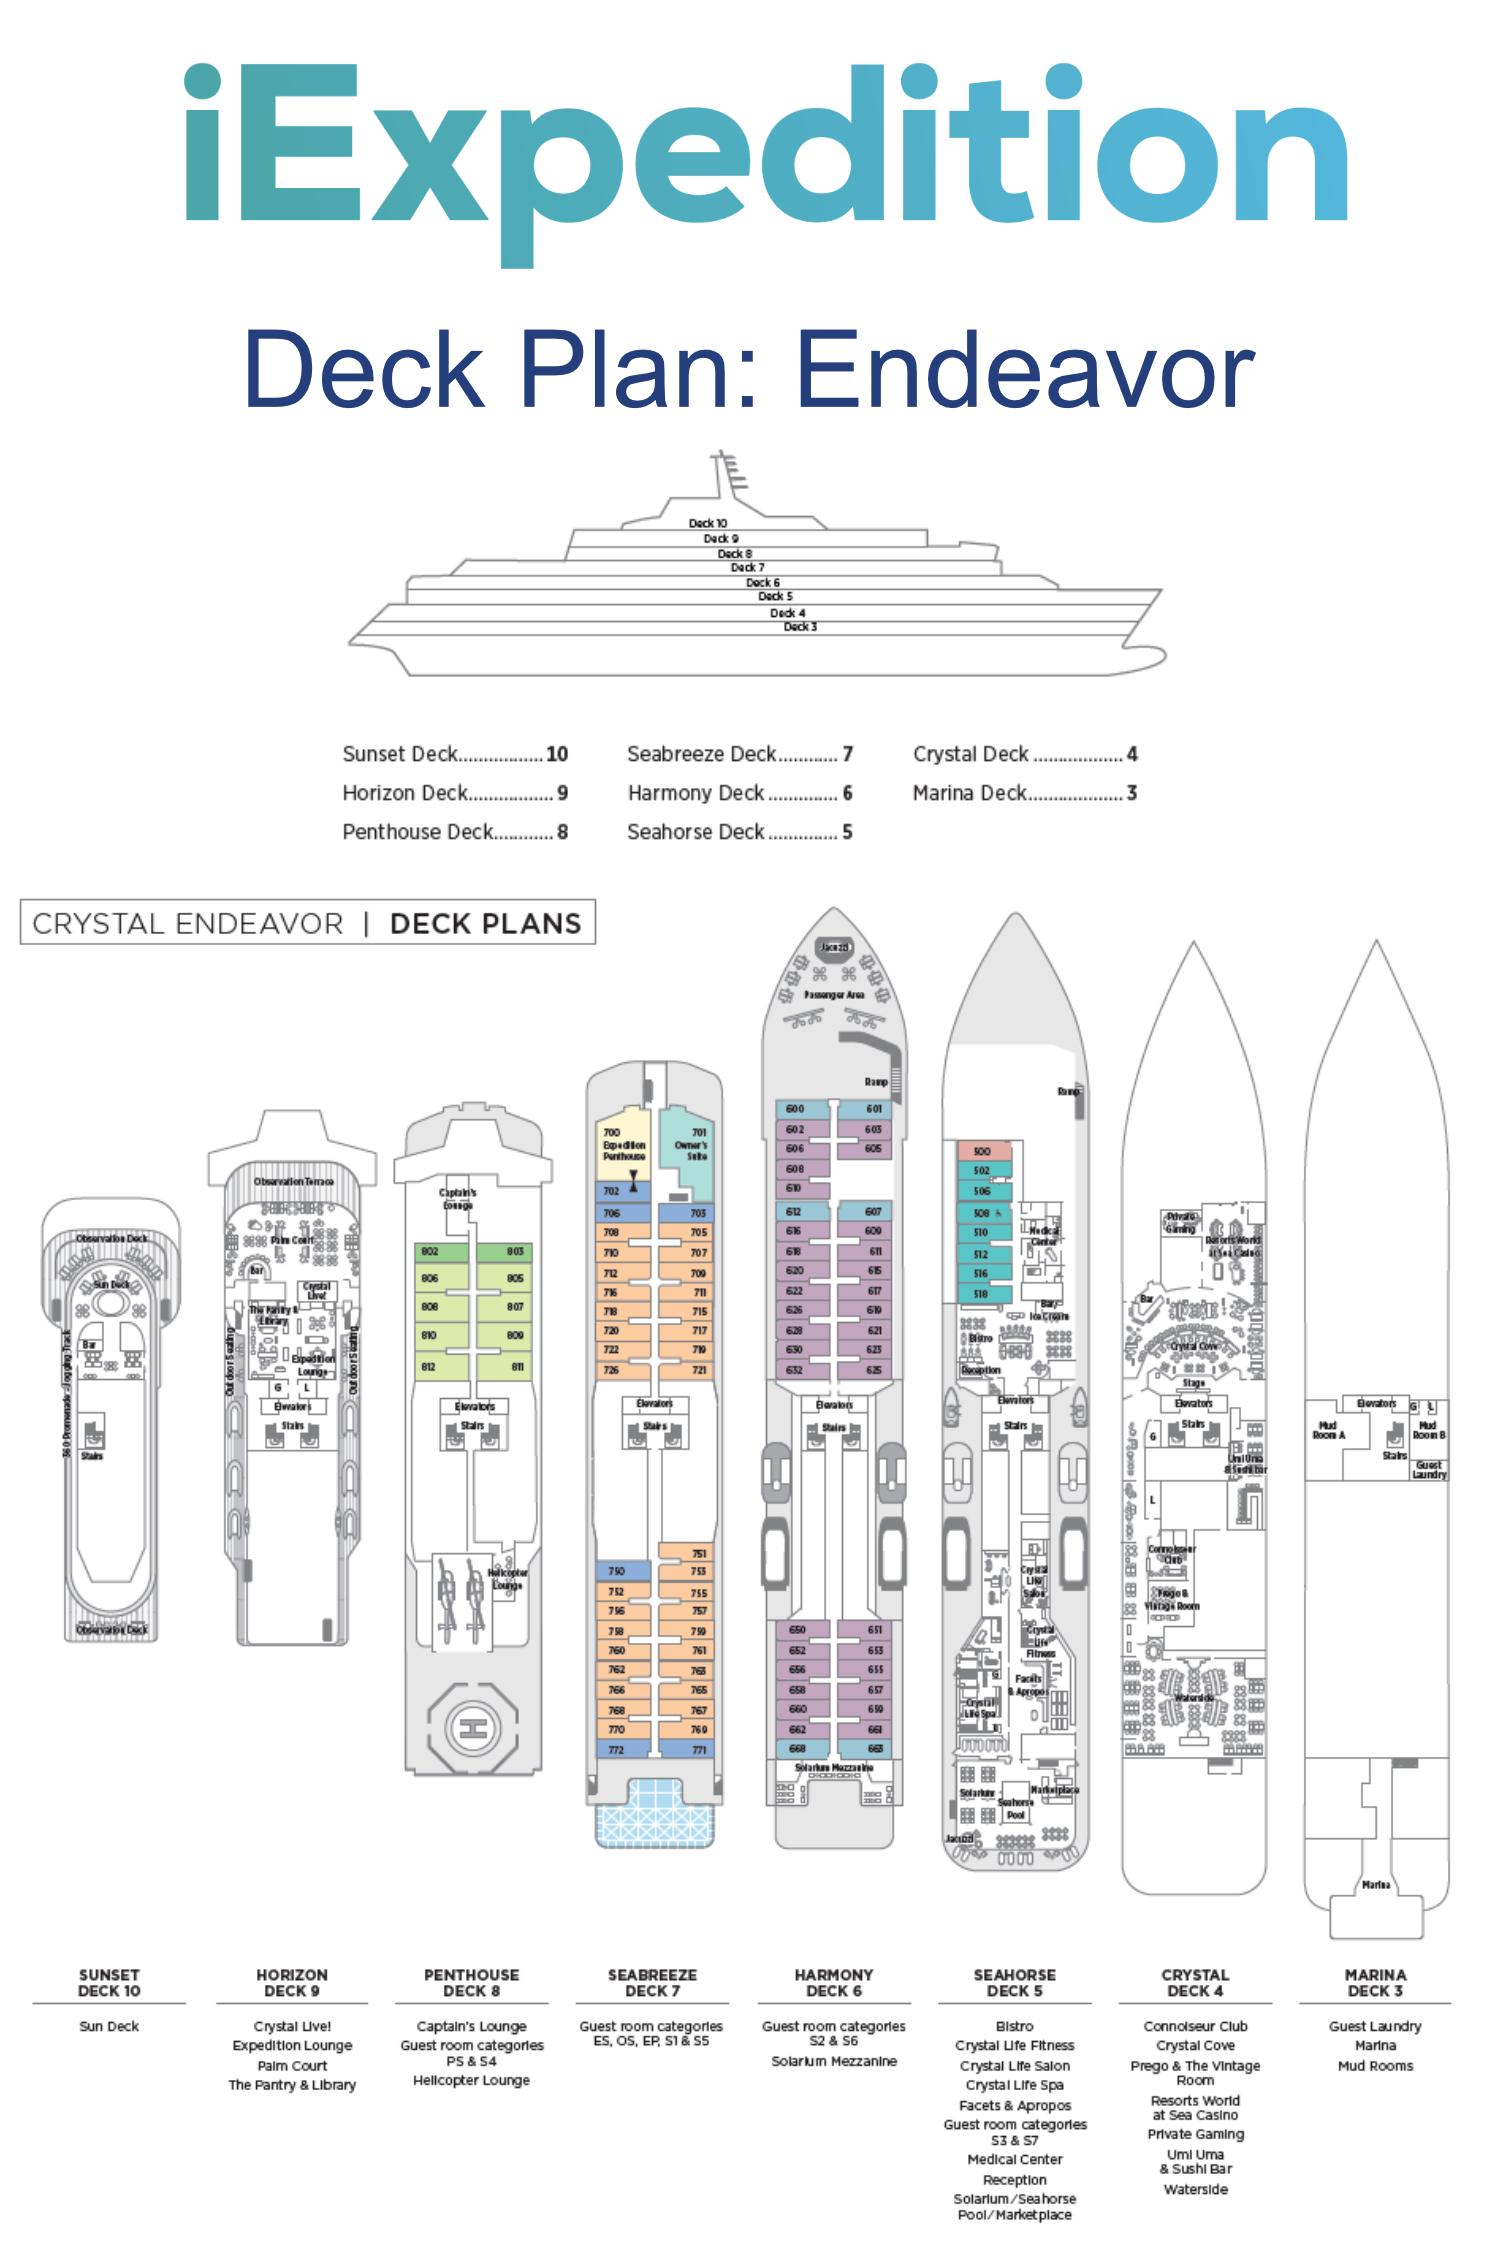 Endeavor deck plan